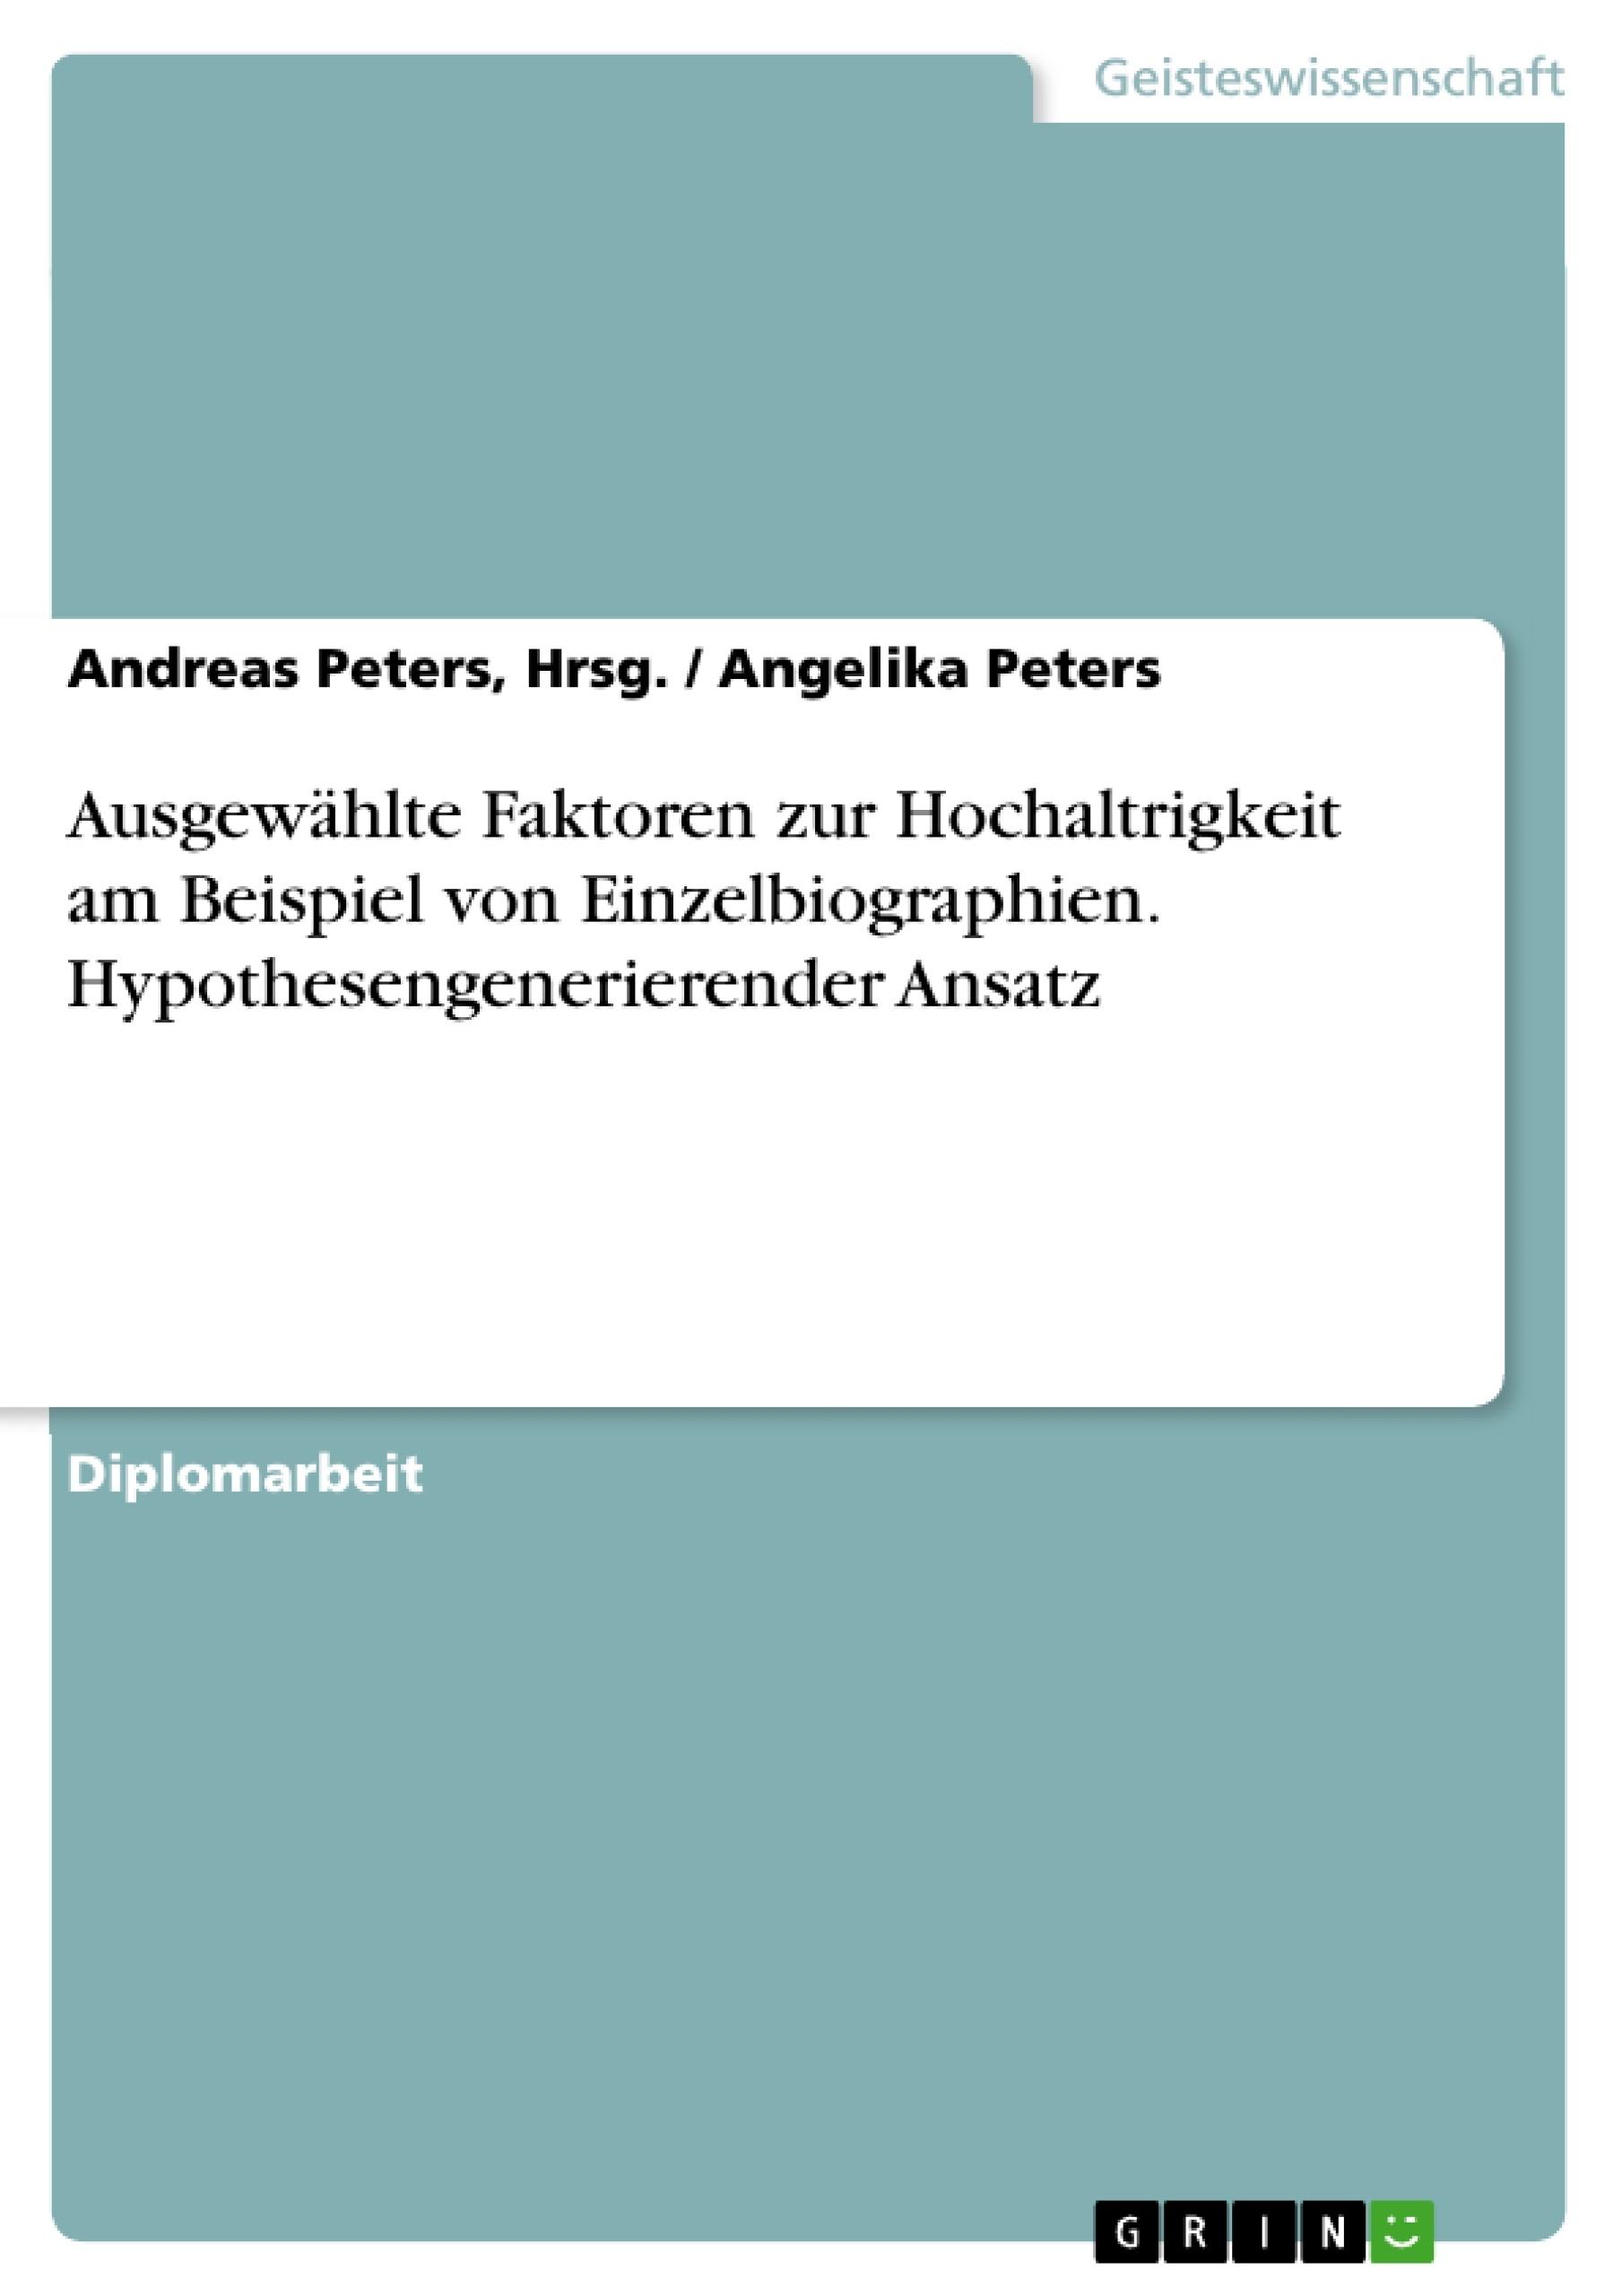 Titel: Ausgewählte Faktoren zur Hochaltrigkeit am Beispiel von Einzelbiographien. Hypothesengenerierender Ansatz